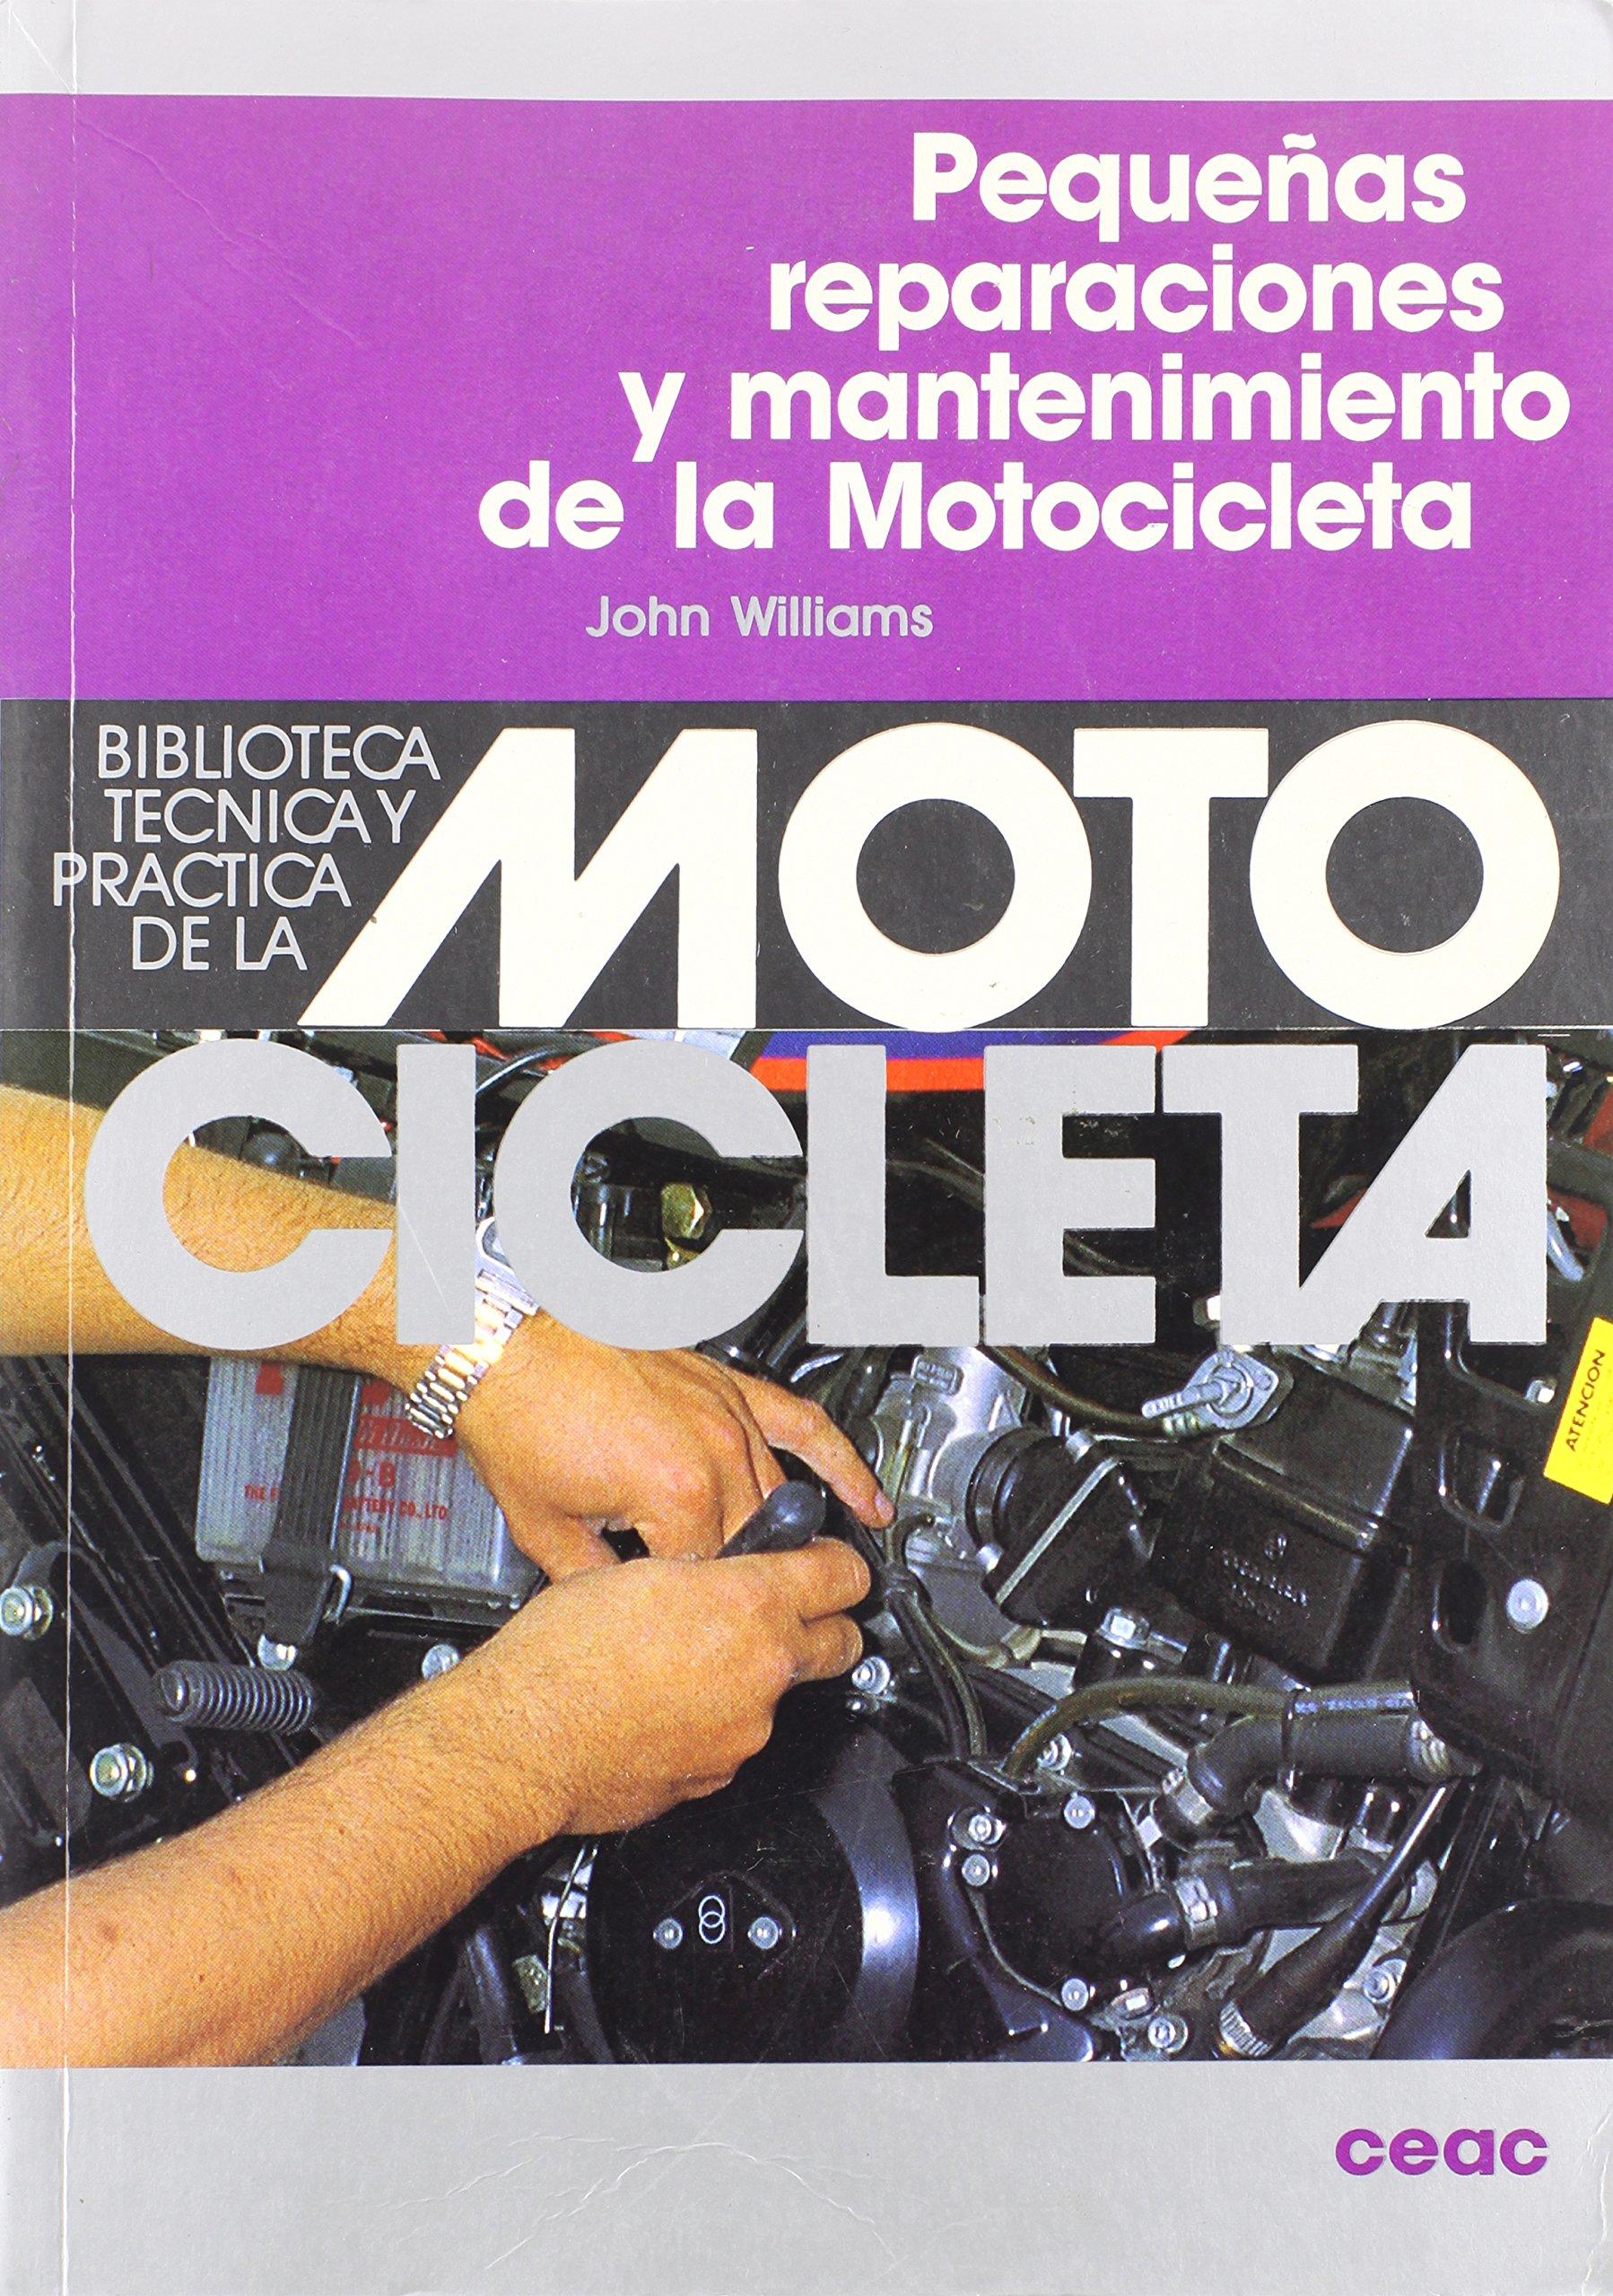 Pequenas Reparaciones y Mantenimiento de La Motoci (Spanish Edition) (Spanish) Paperback – July, 1991